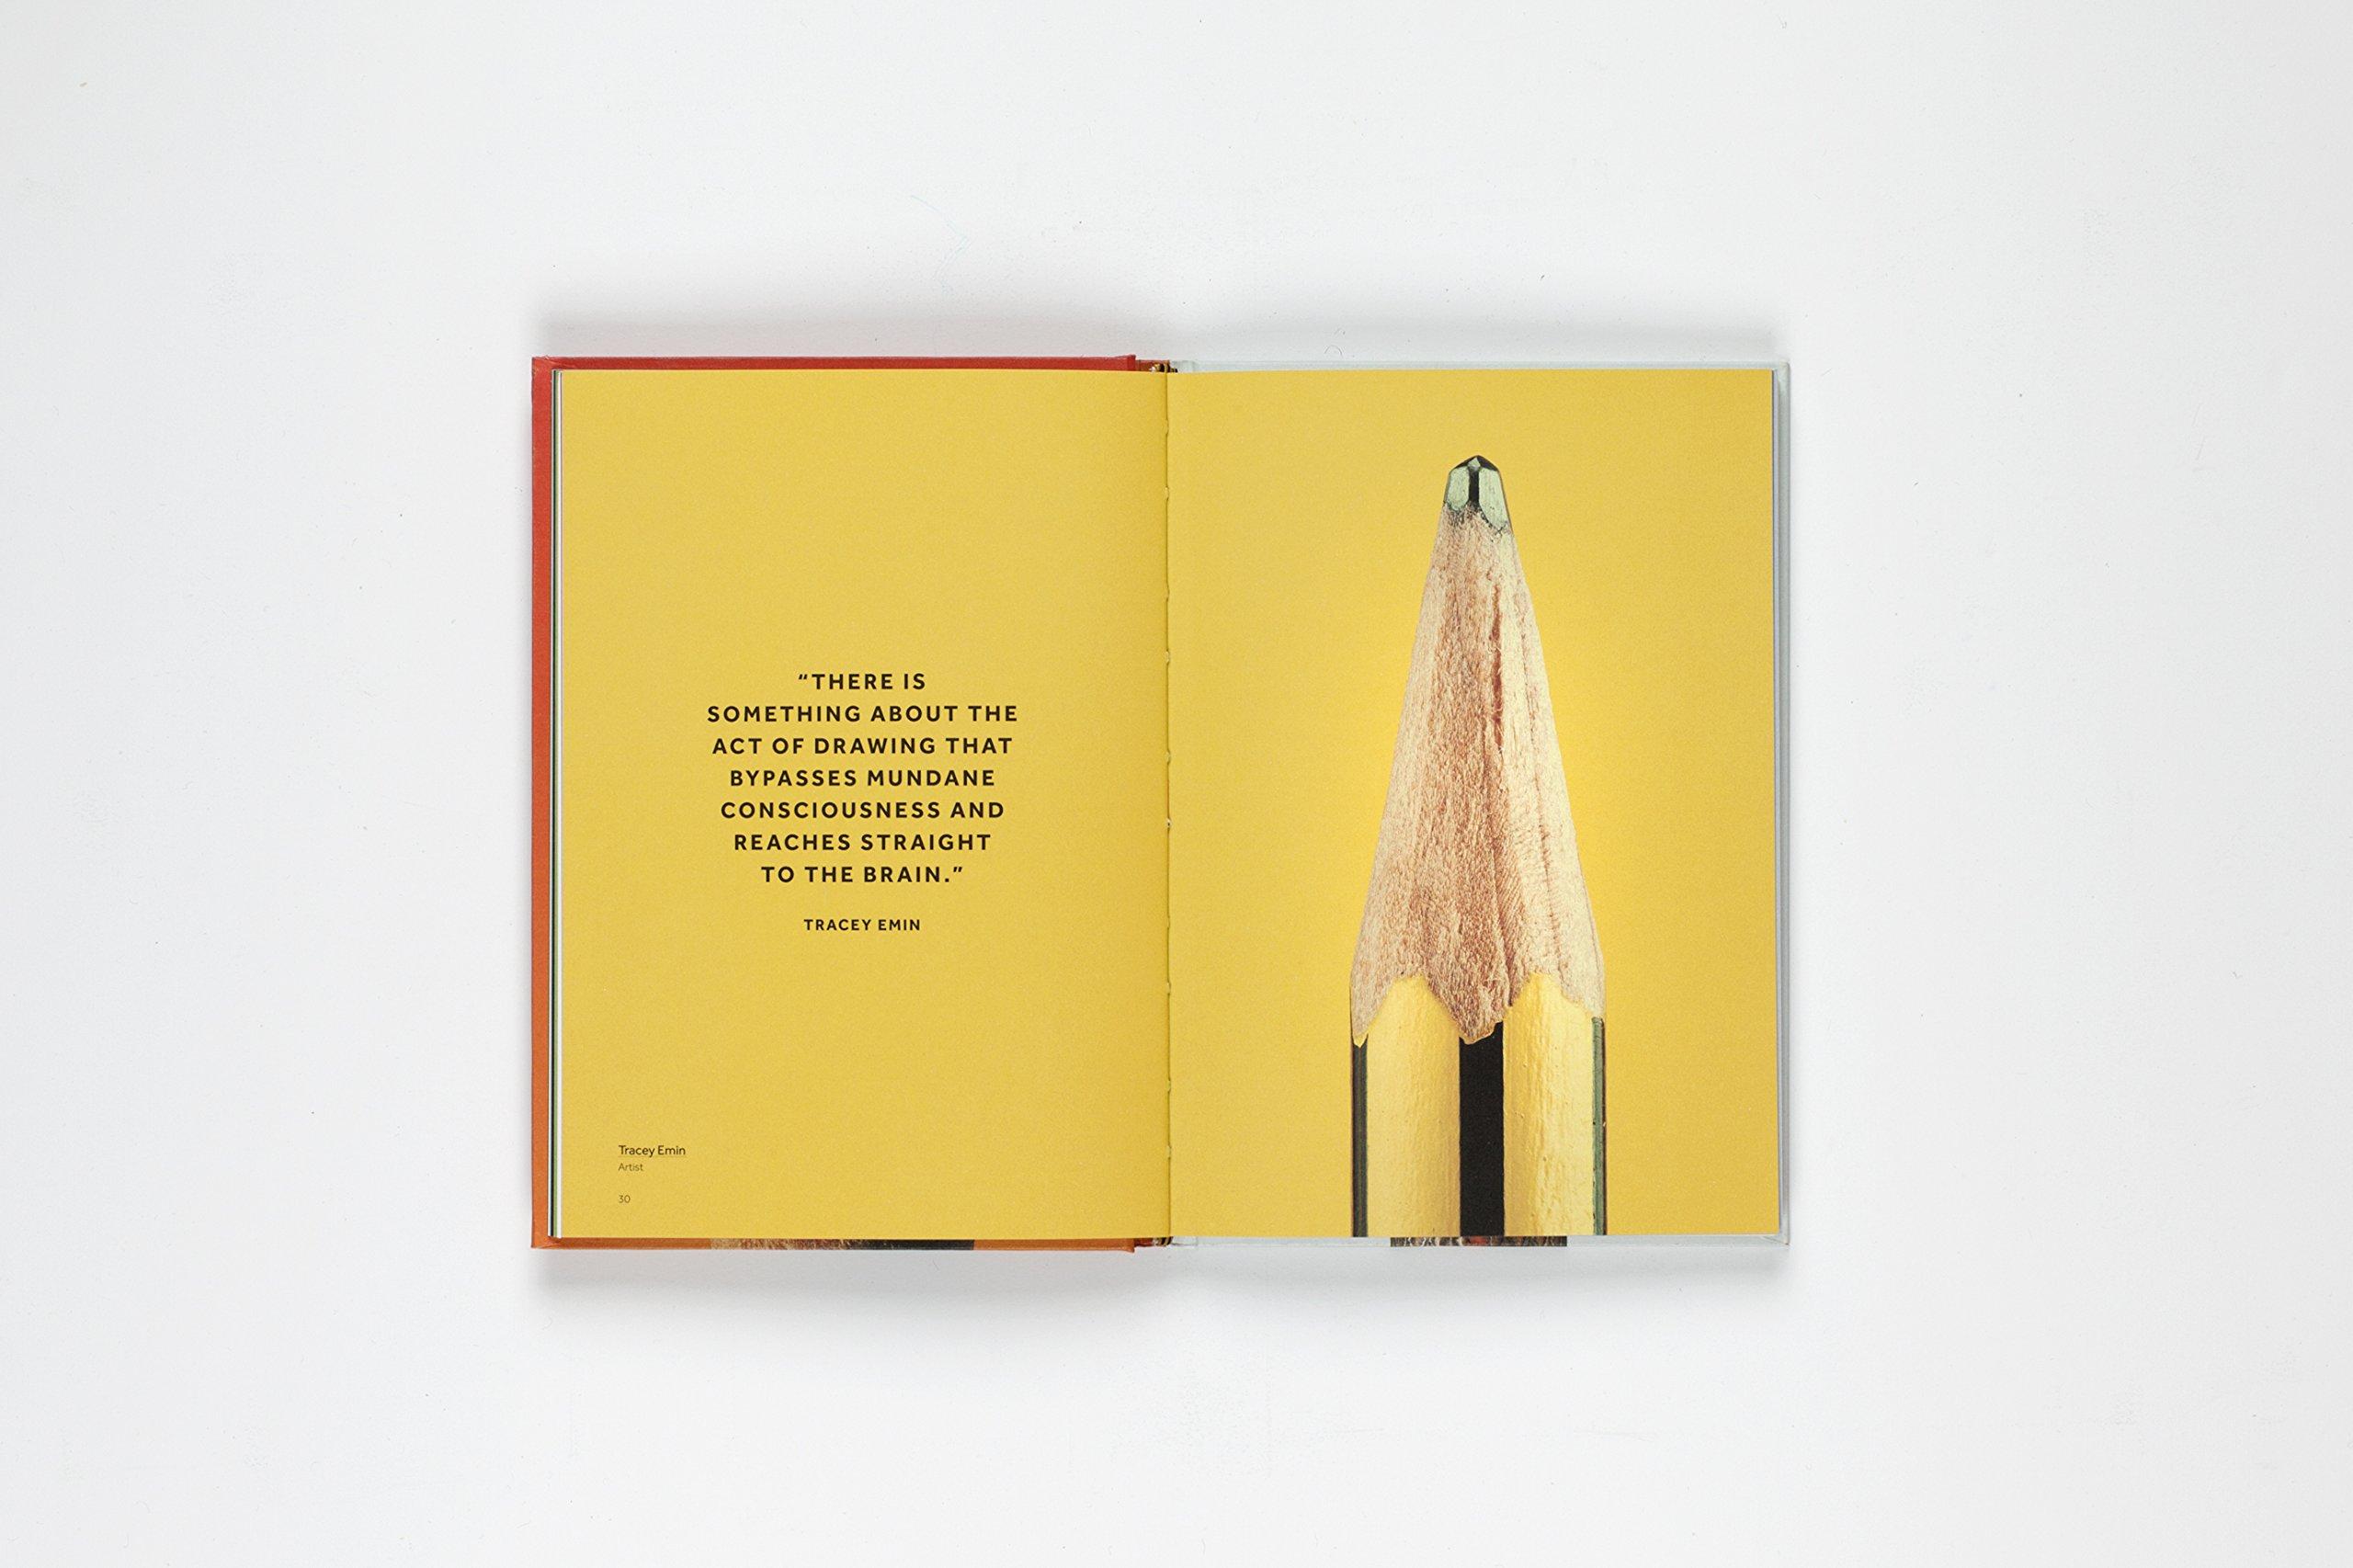 La vita segreta della matita diventa un libro